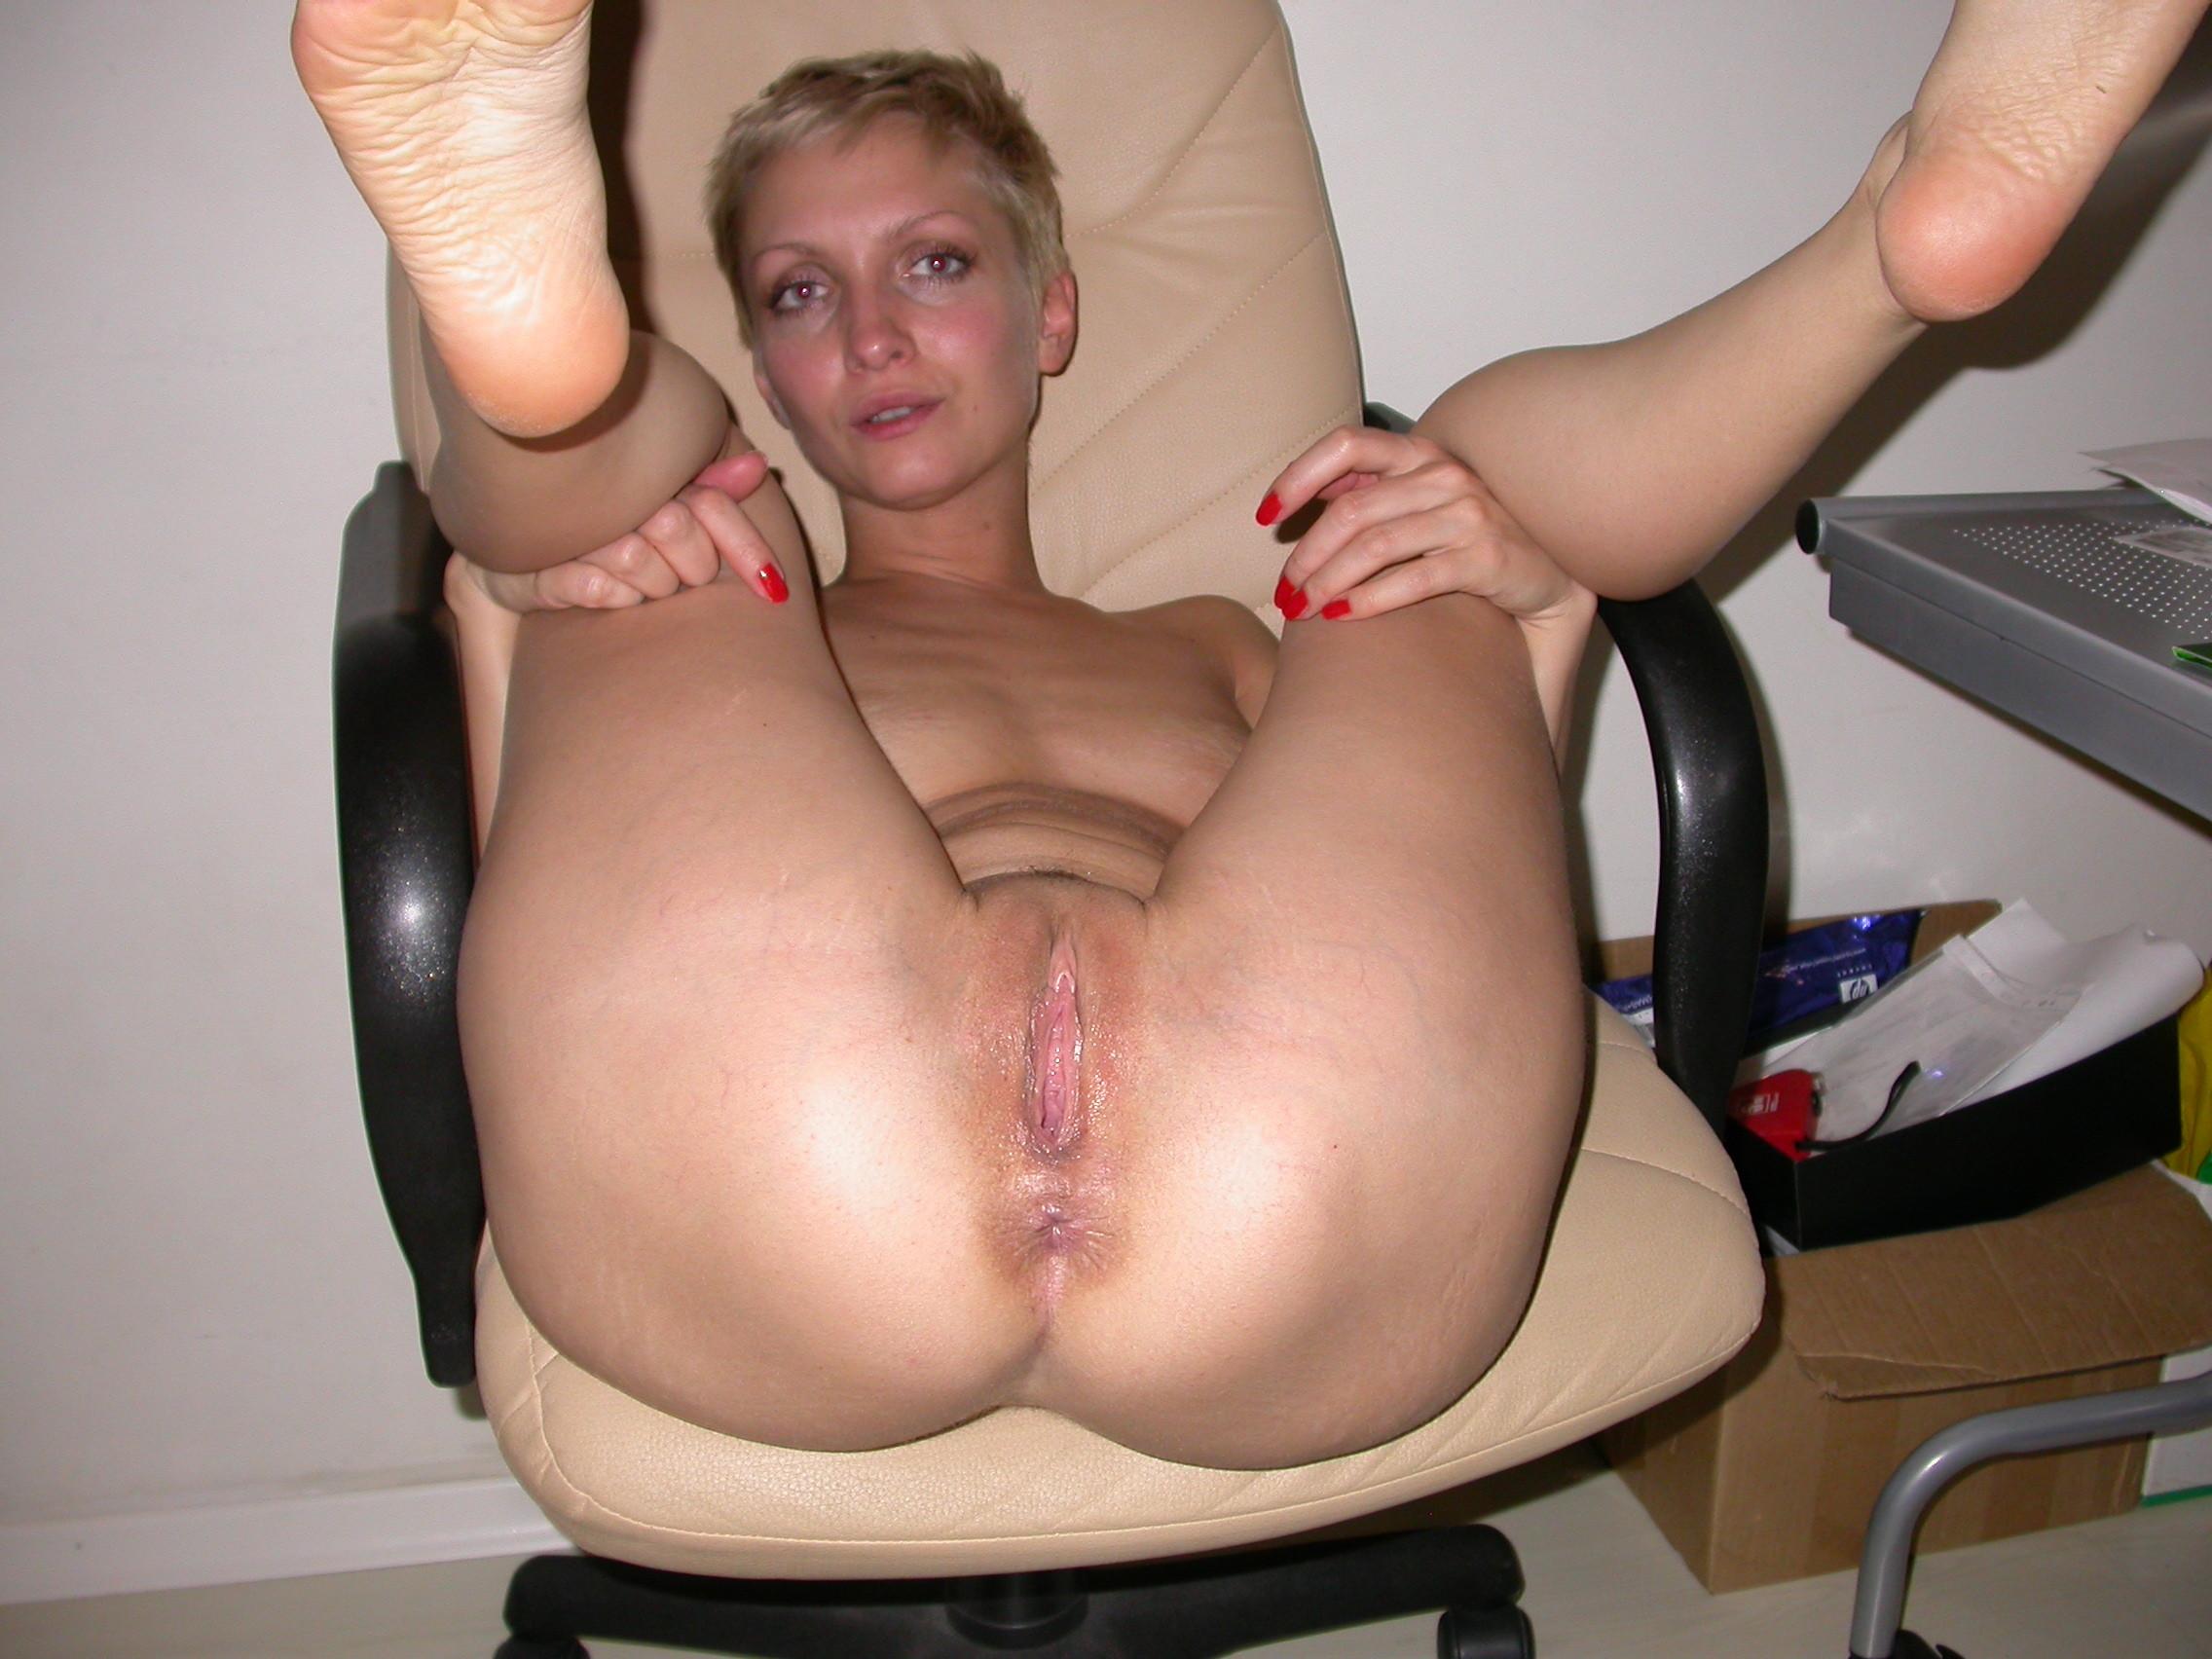 Порно онлайн зрелая короткостриженная блондинка фото 97-681